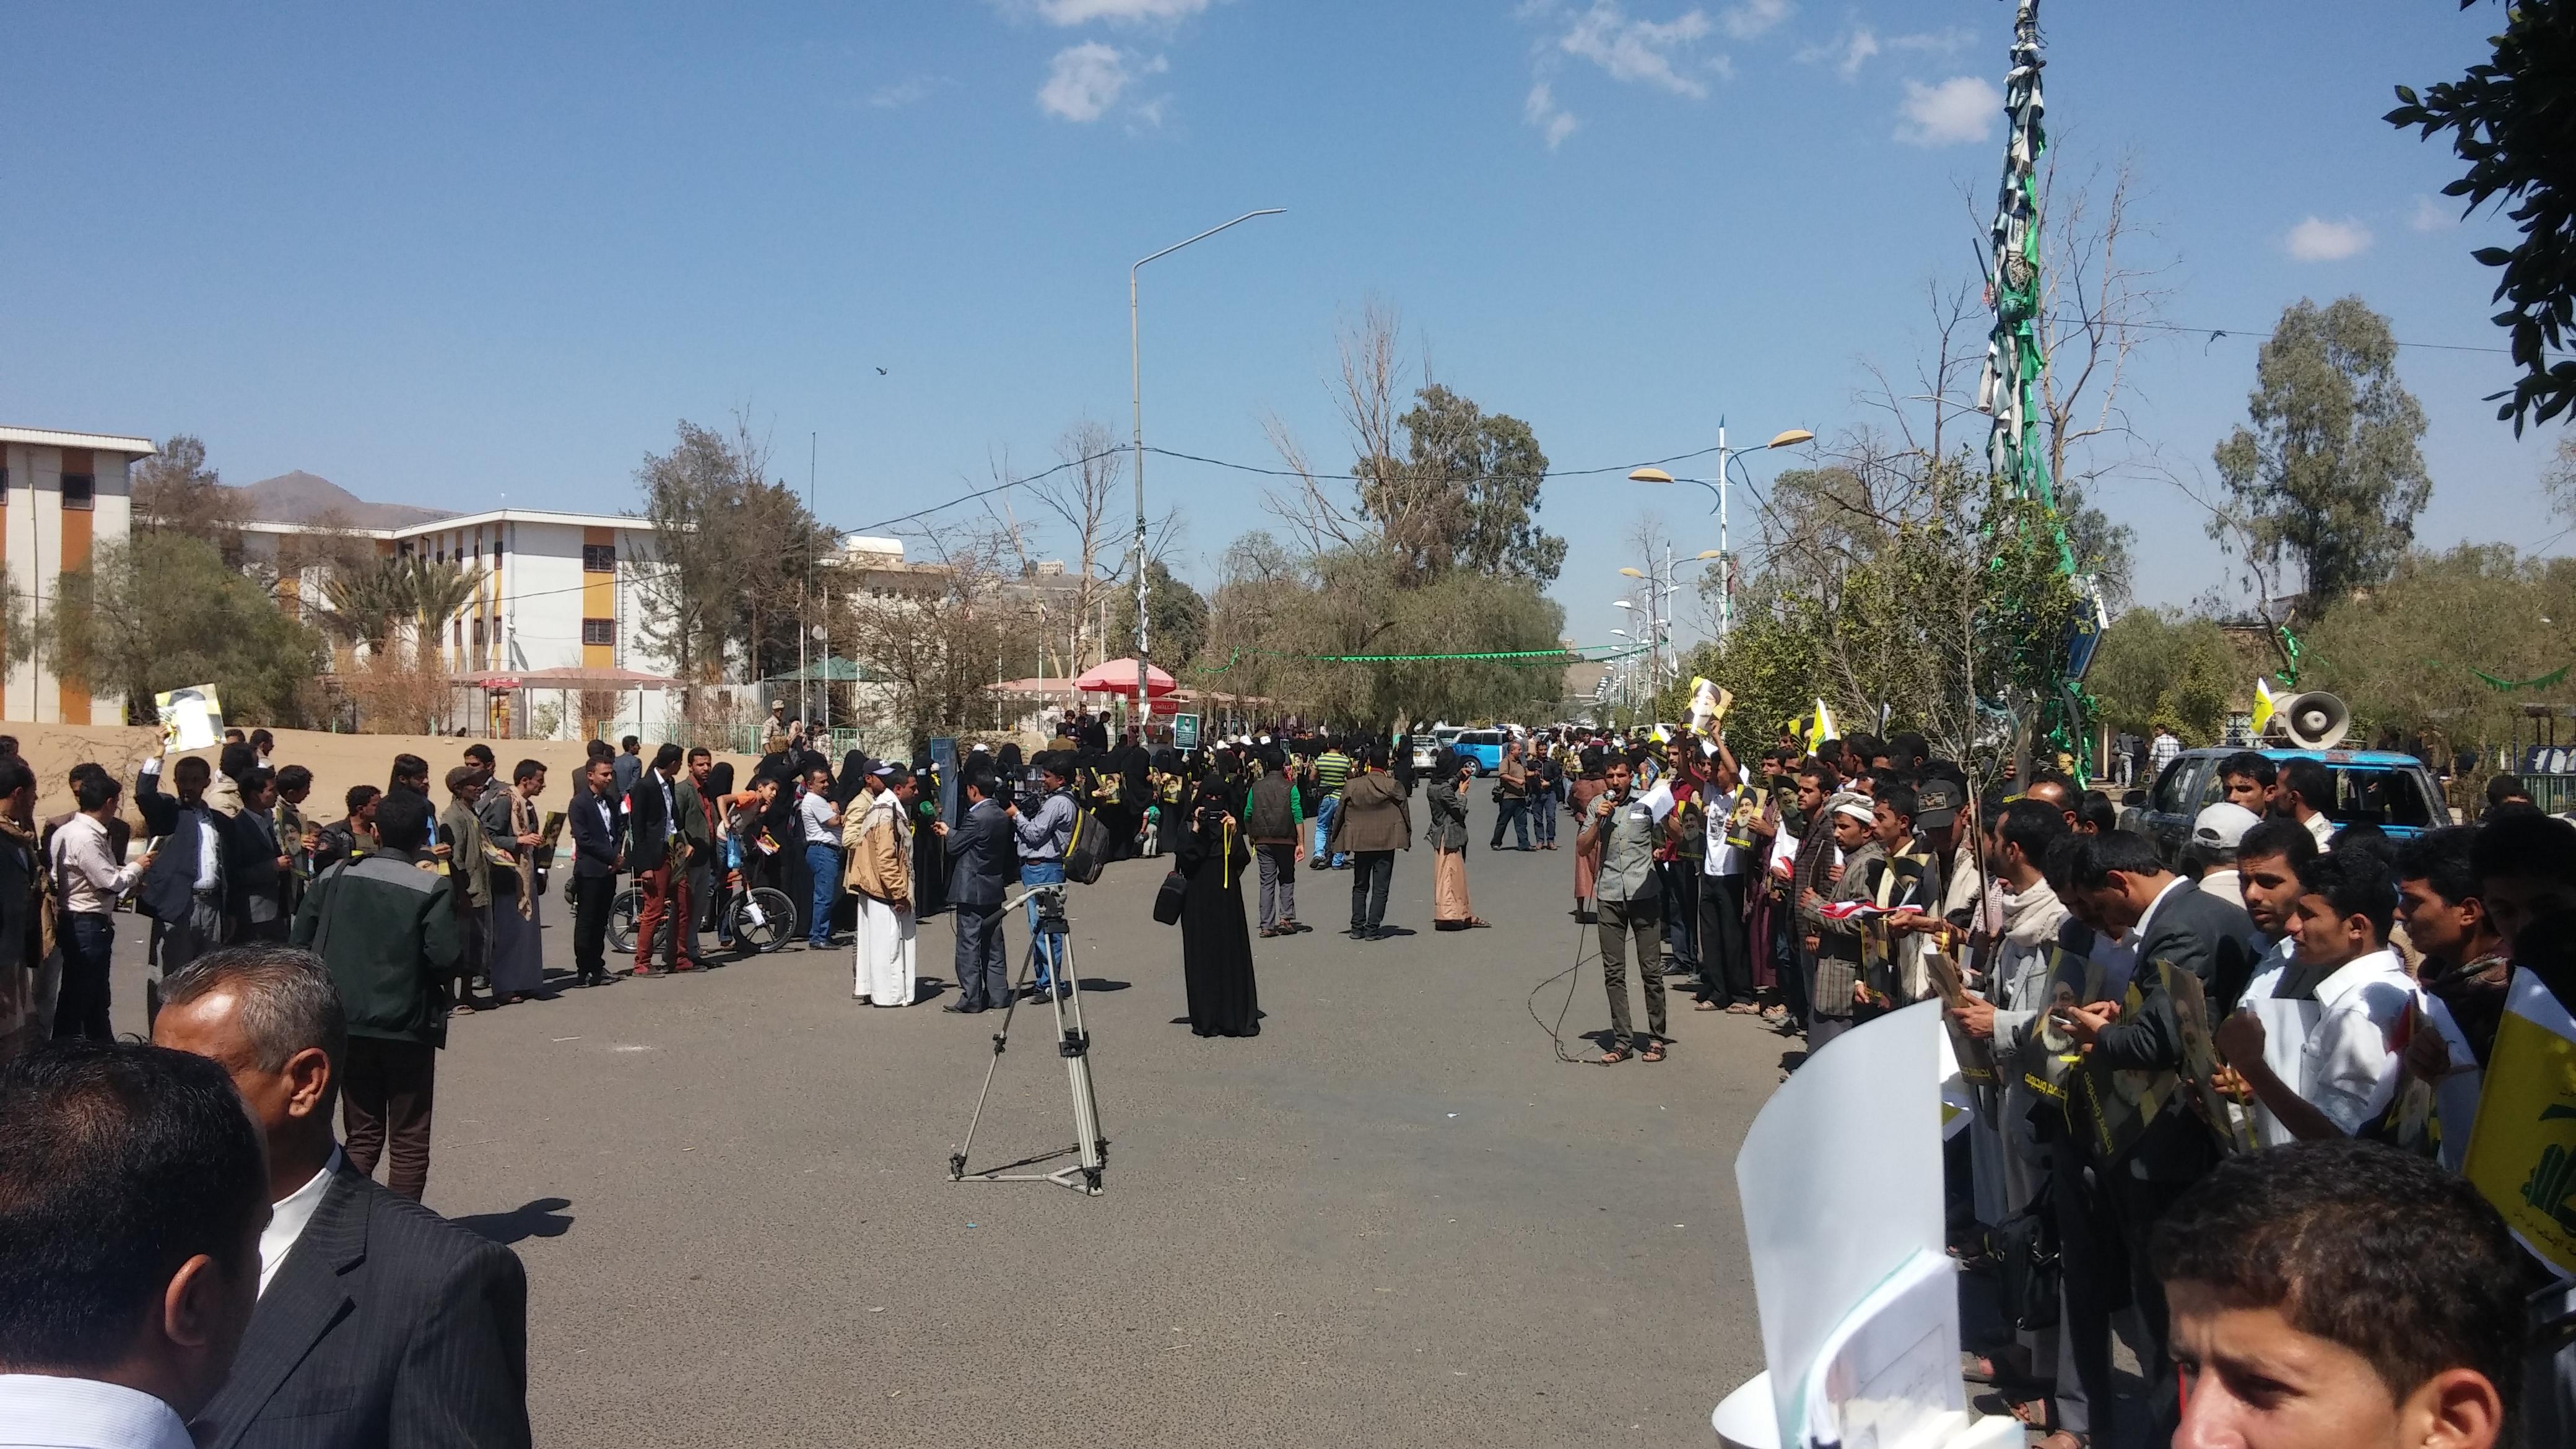 فعالية عن نصرالله في حرم جامعة صنعاء